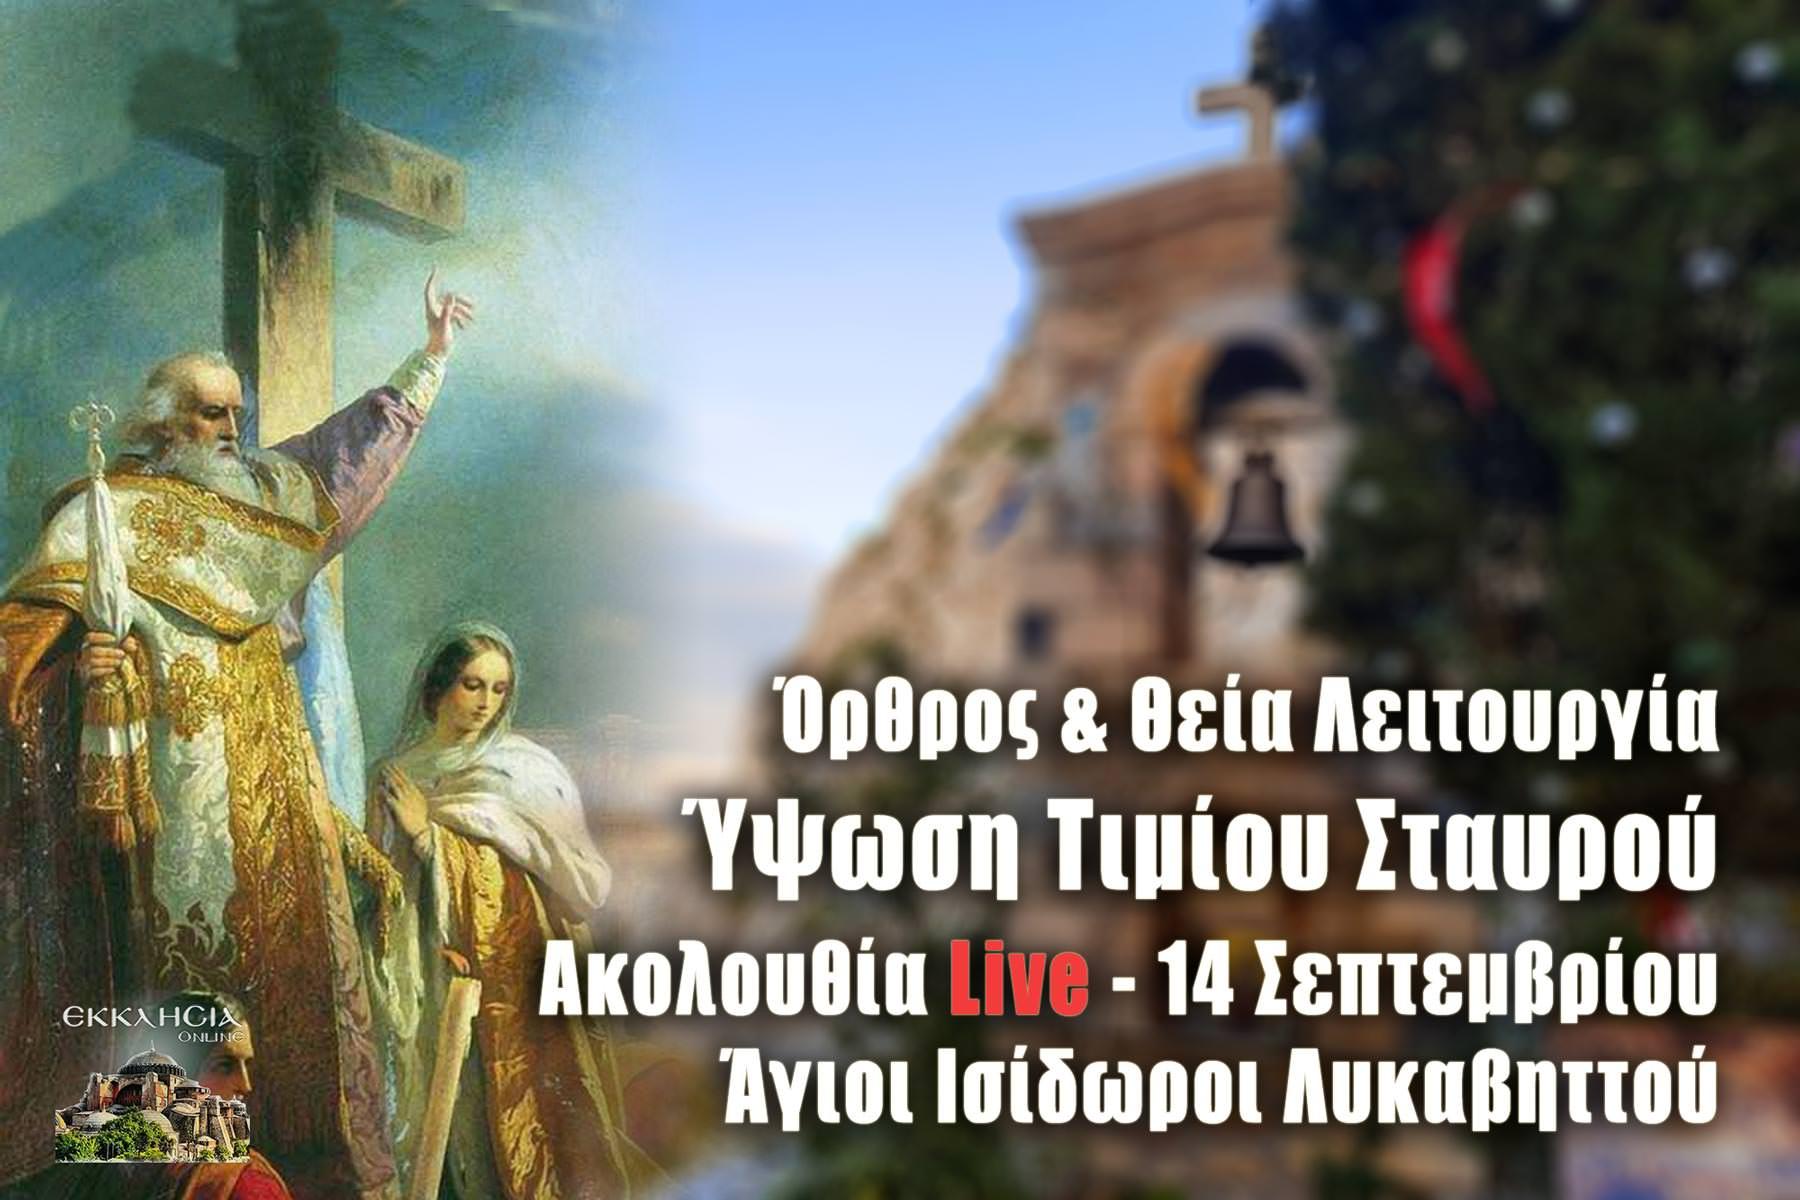 Ύψωση Τιμίου Σταυρού 14 Σεπτεμβρίου Live Άγιοι Ισίδωροι Λυκαβηττού